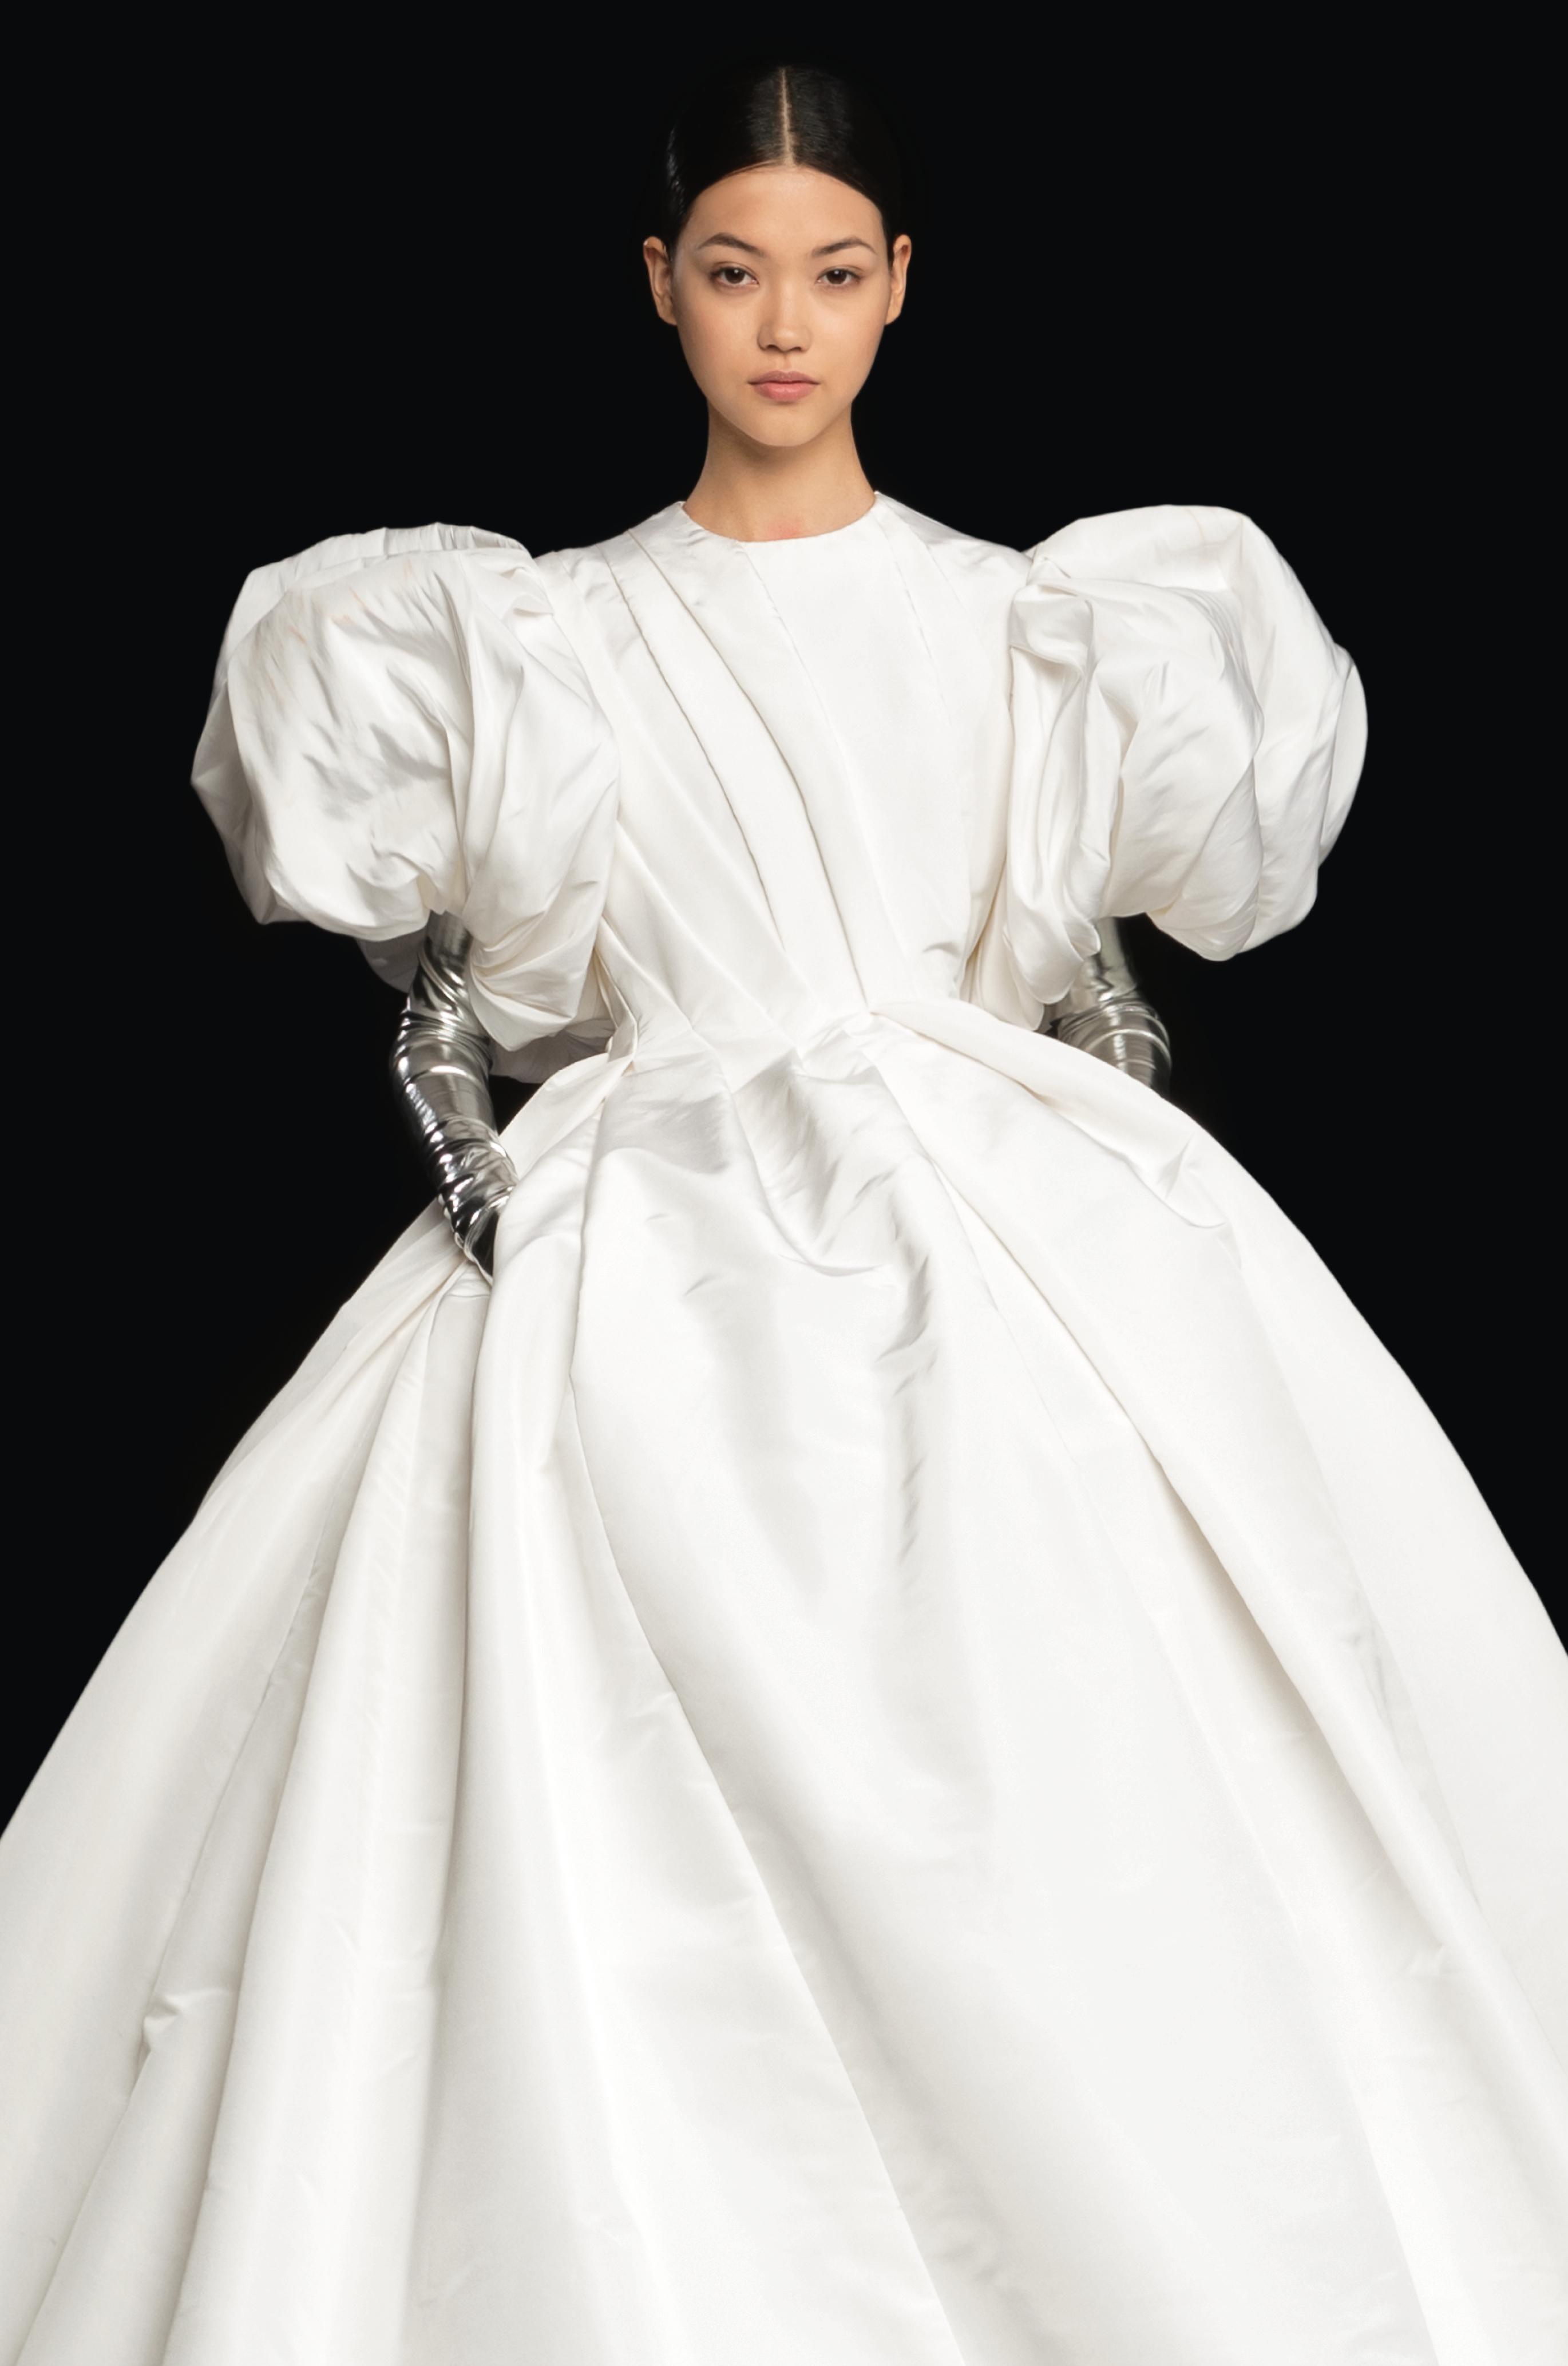 Valentino 2020-21 fall winter haute couture collection Pierpaolo Piccioli